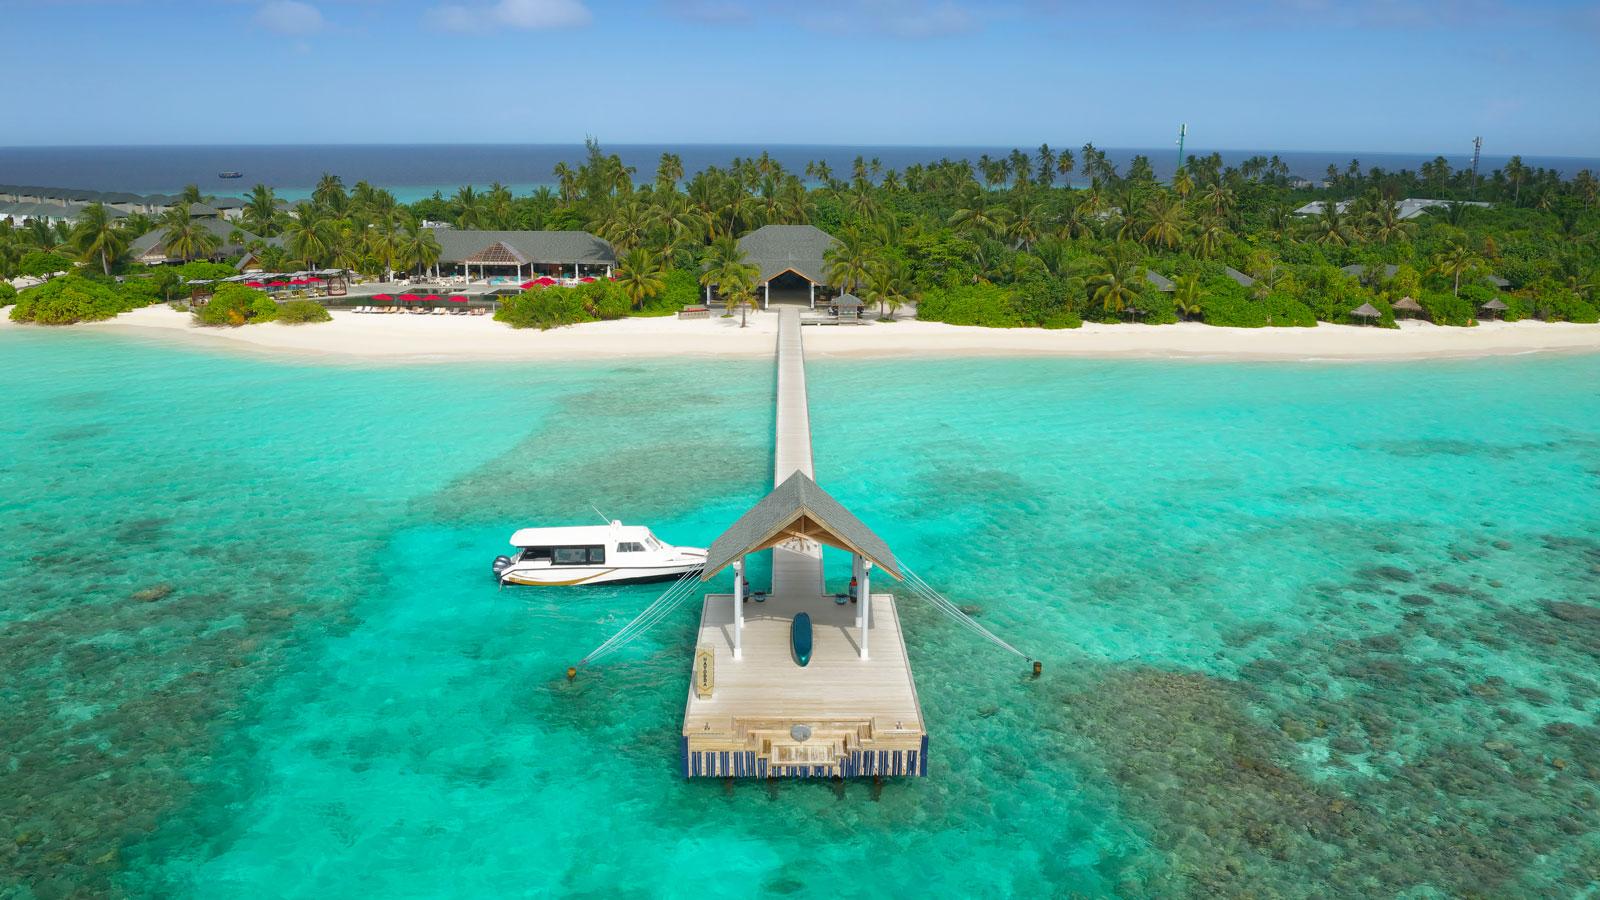 Мальдивы, отель Amari Havodda Maldives, причал